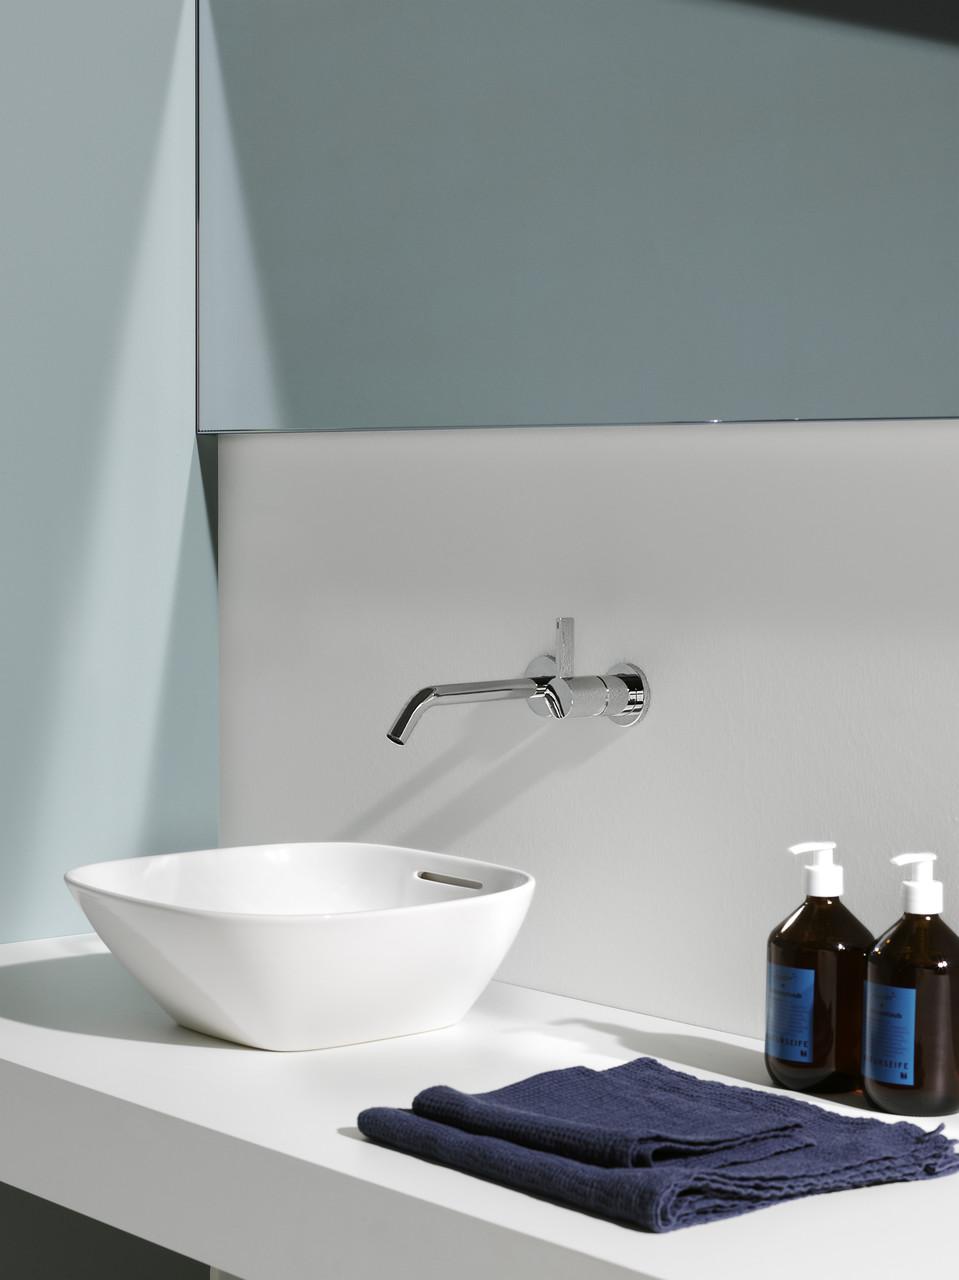 Wastafel uit de badkamercollectie Ino van Laufen #badkamer #badkamerinspiratie #laufen #wastafel